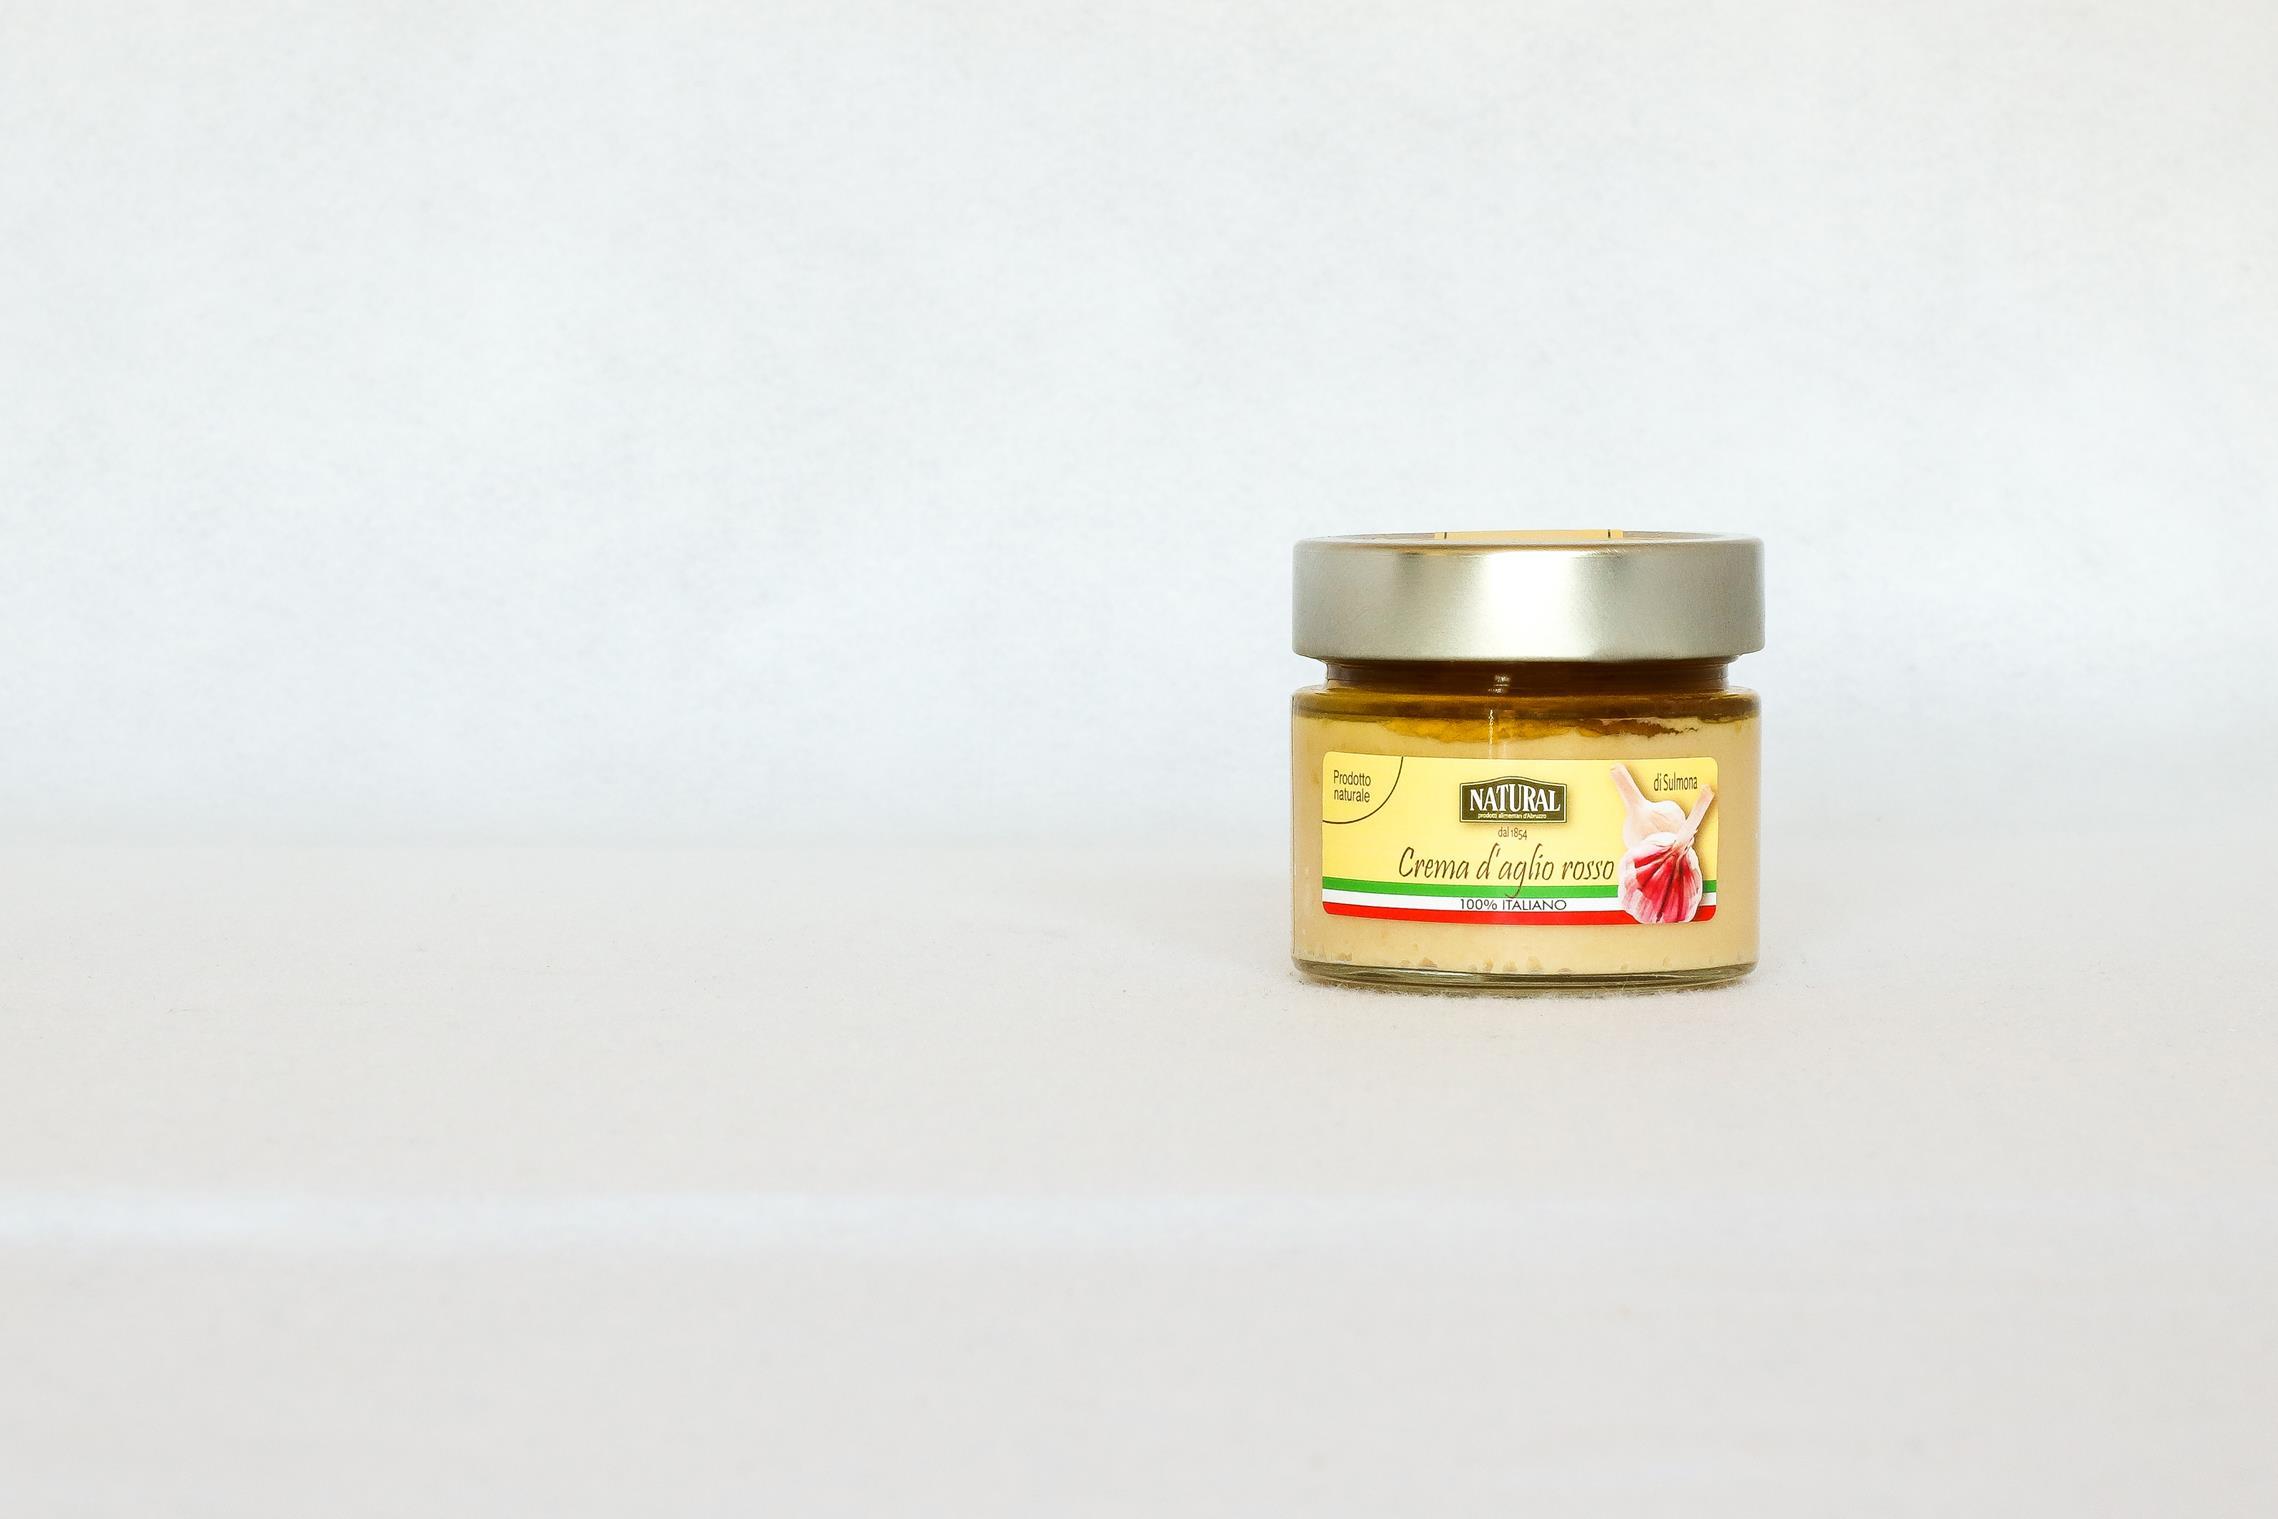 Natural Crema d'aglio rosso di Sulmona